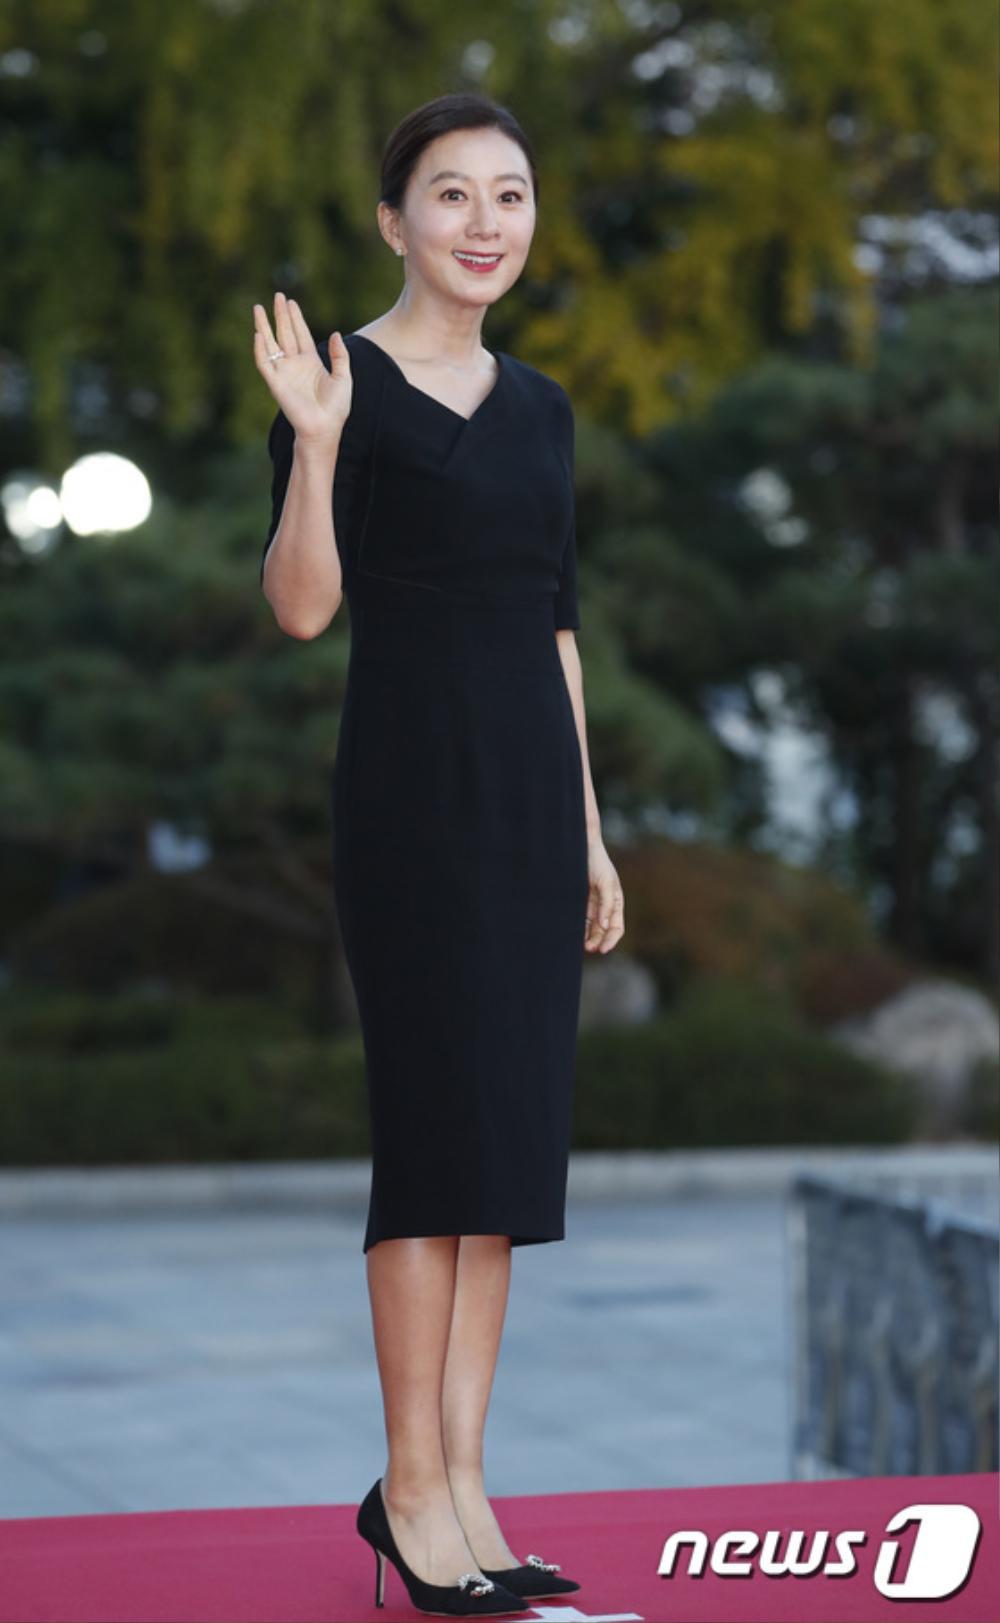 Thảm đỏ hot nhất Hàn Quốc: SEVENTEEN cùng Hyun Bin, Gong Hyo Jin, Kim Hee Ae và Kang Ha Neul gây sốt Ảnh 13